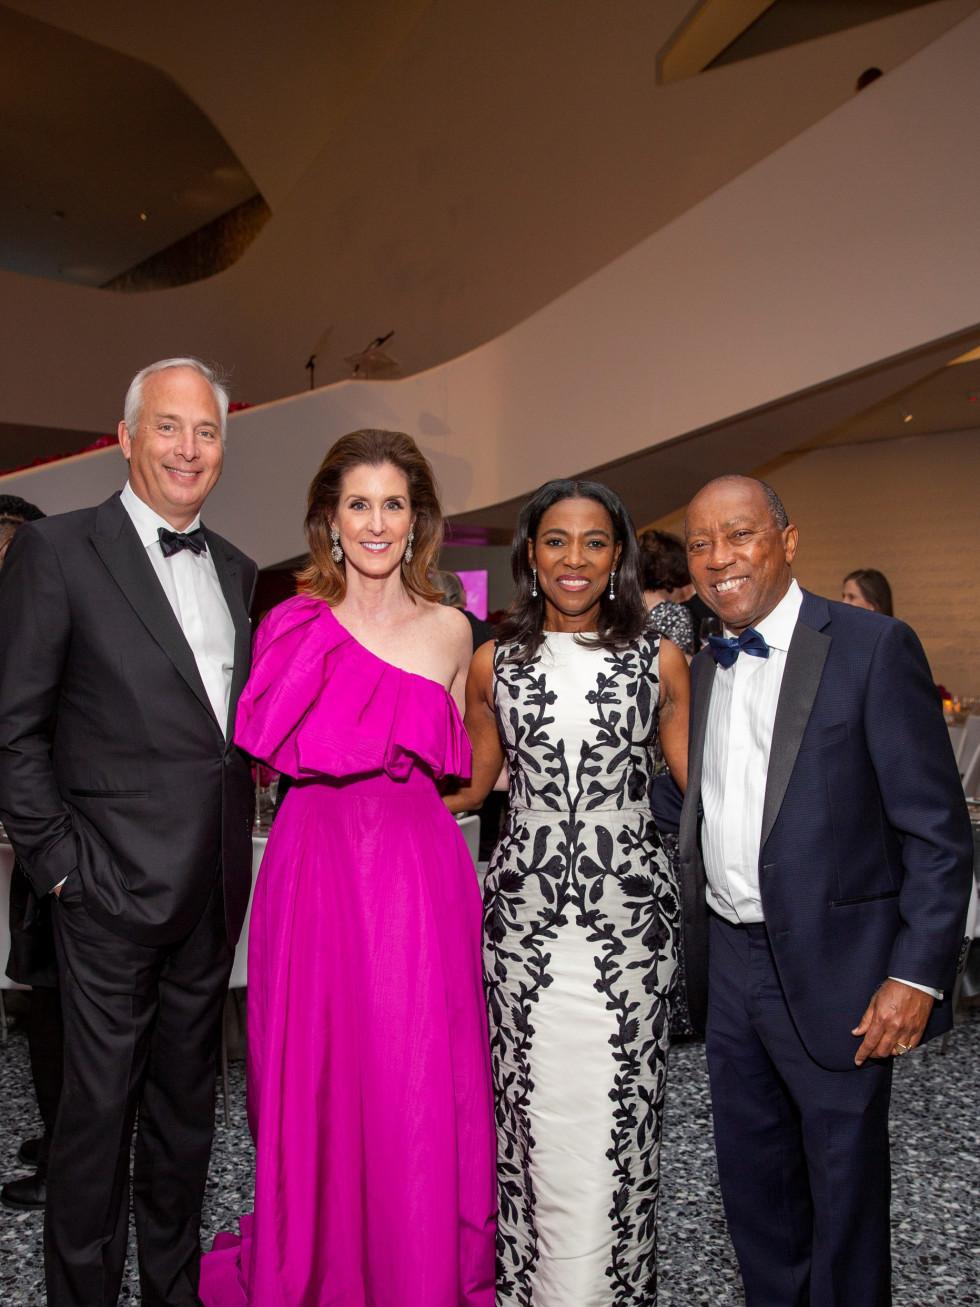 MFAH Grand Gala Ball 2021 Bobby and Phoebe Tudor; Mayor Sylvester Turner; Dr. Cathy Flanigan